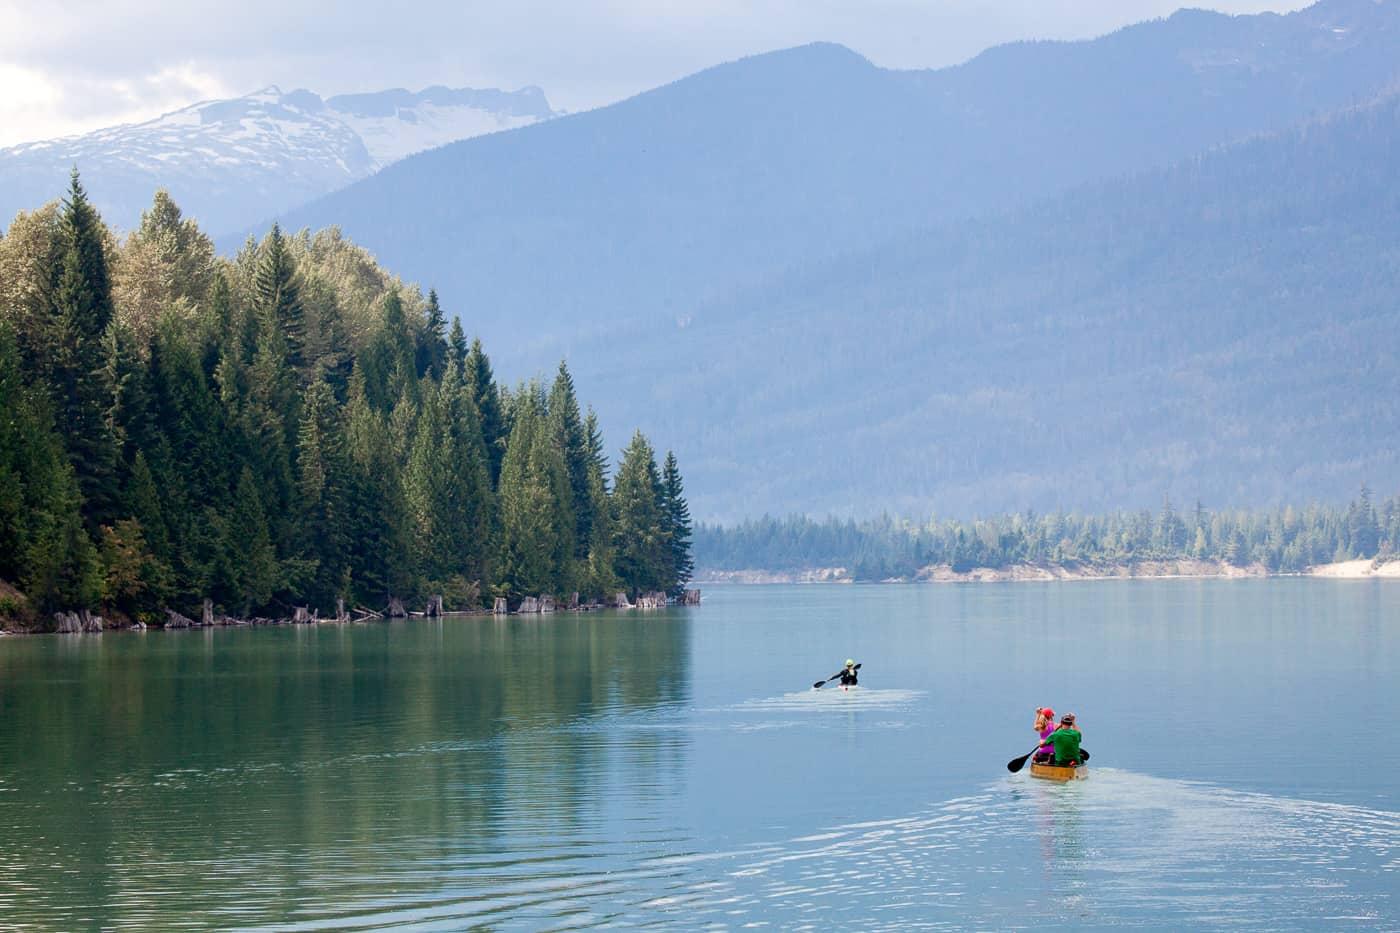 Canoeing on glassy Lake Revelstoke